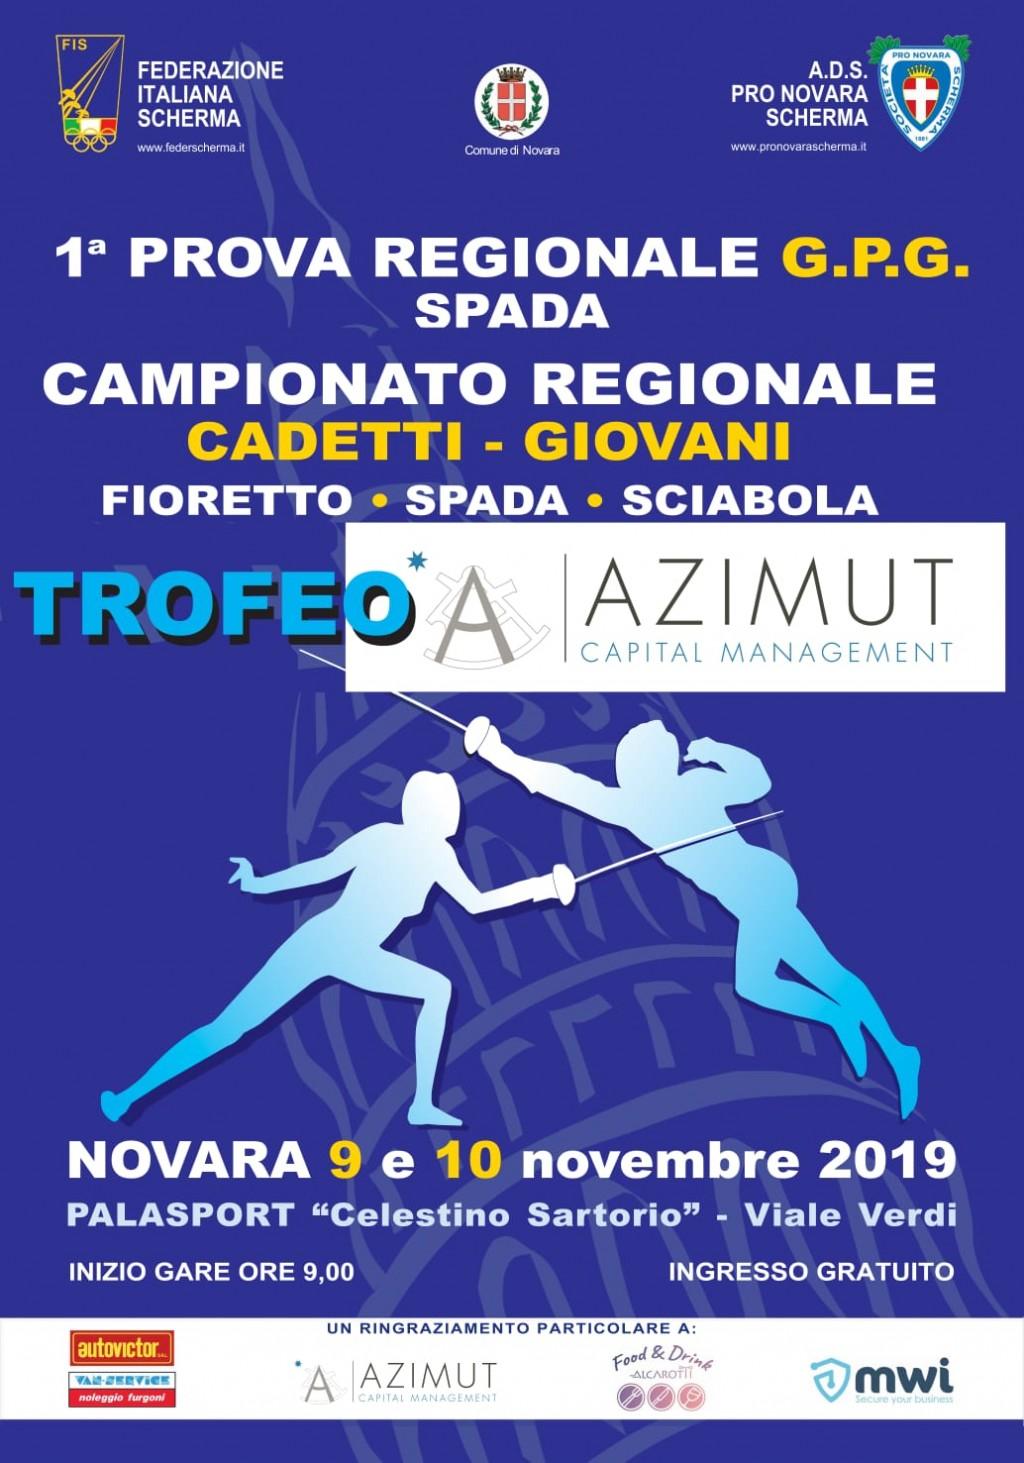 """""""Trofeo Azimut"""" - Prima Prova Regionale G.P.G. di spada.  Campionato Regionale Cadetti-Giovani di fioretto, spada e sciabola"""